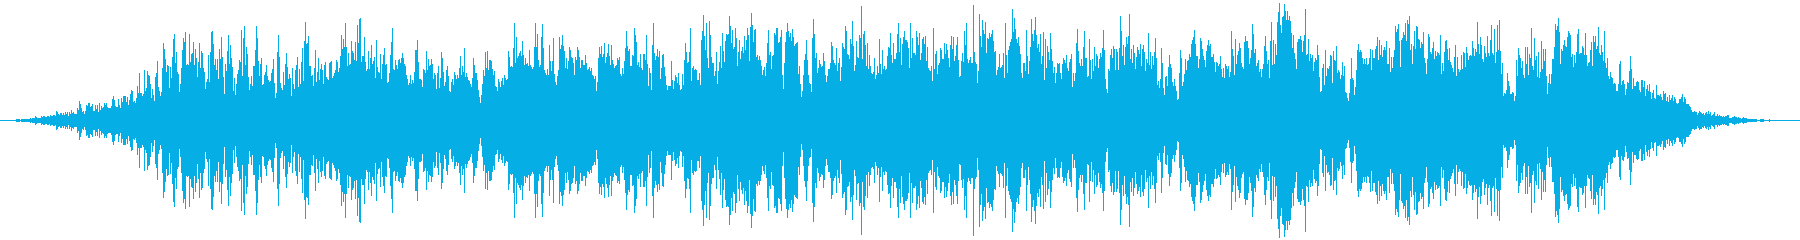 ラジオプロダクションシーン:Ger...の再生済みの波形